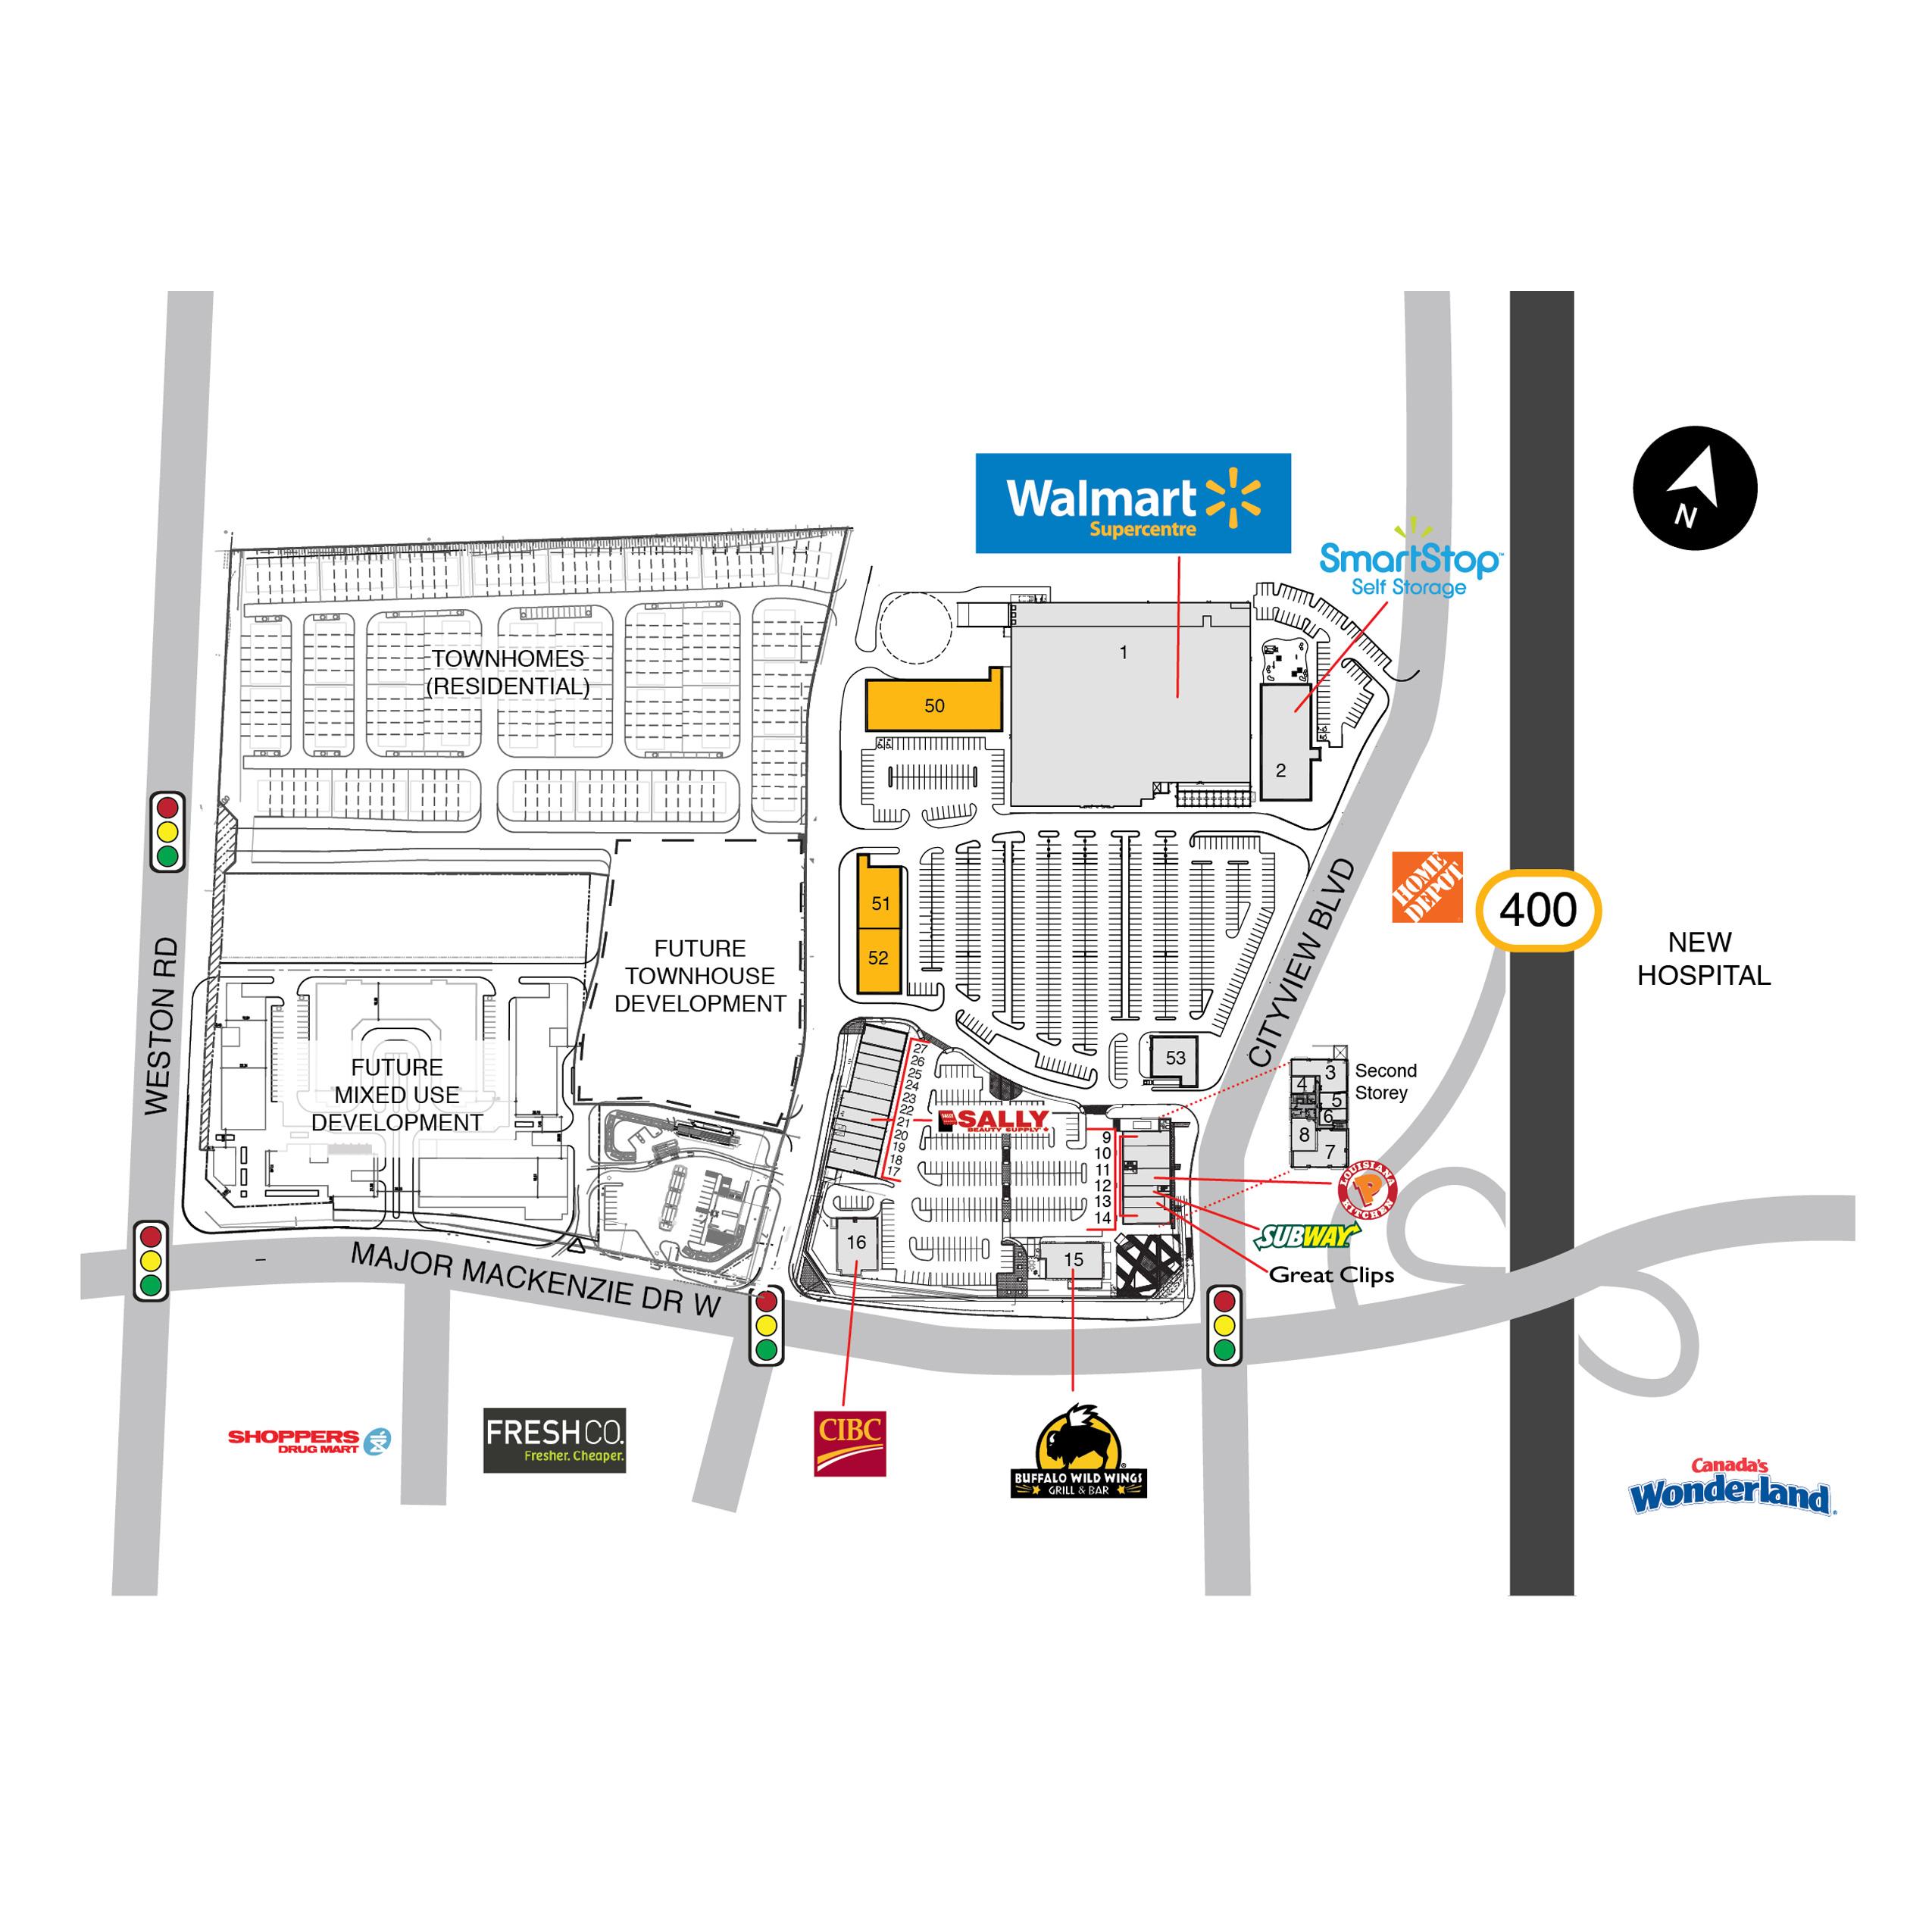 SmartCentres Vaughan Northwest in Vaughan Ontario 14 stores